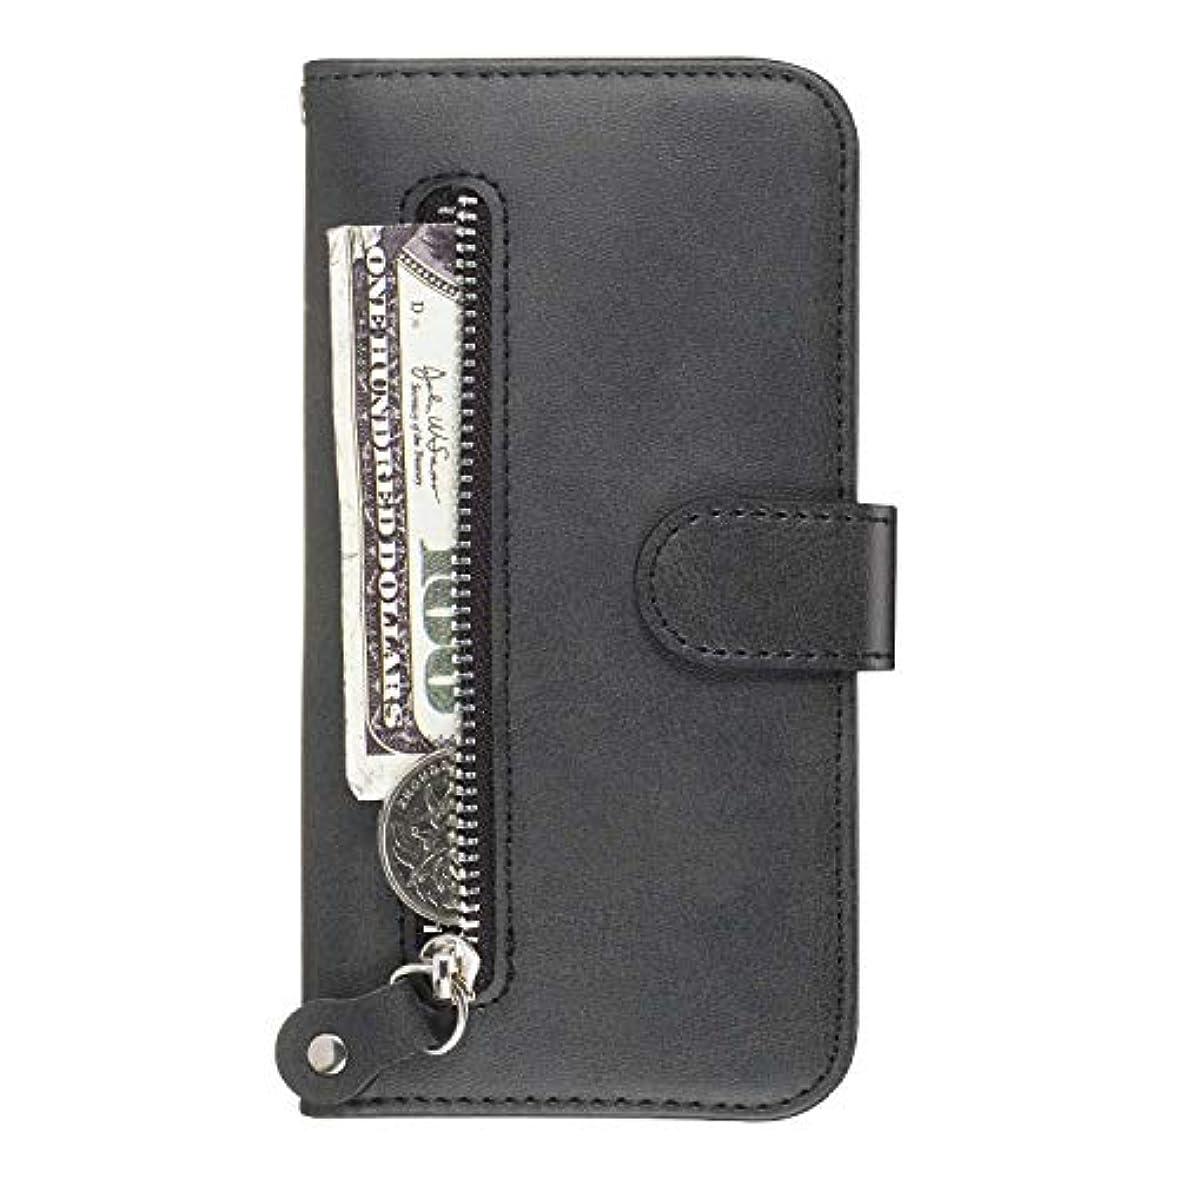 はっきりとクマノミアミューズメントOMATENTI Galaxy M20 ケース, 軽量 PUレザー 薄型 簡約風 人気カバー バックケース Galaxy M20 用 Case Cover, 液晶保護 カード収納, 財布とコインポケット付き, 黒